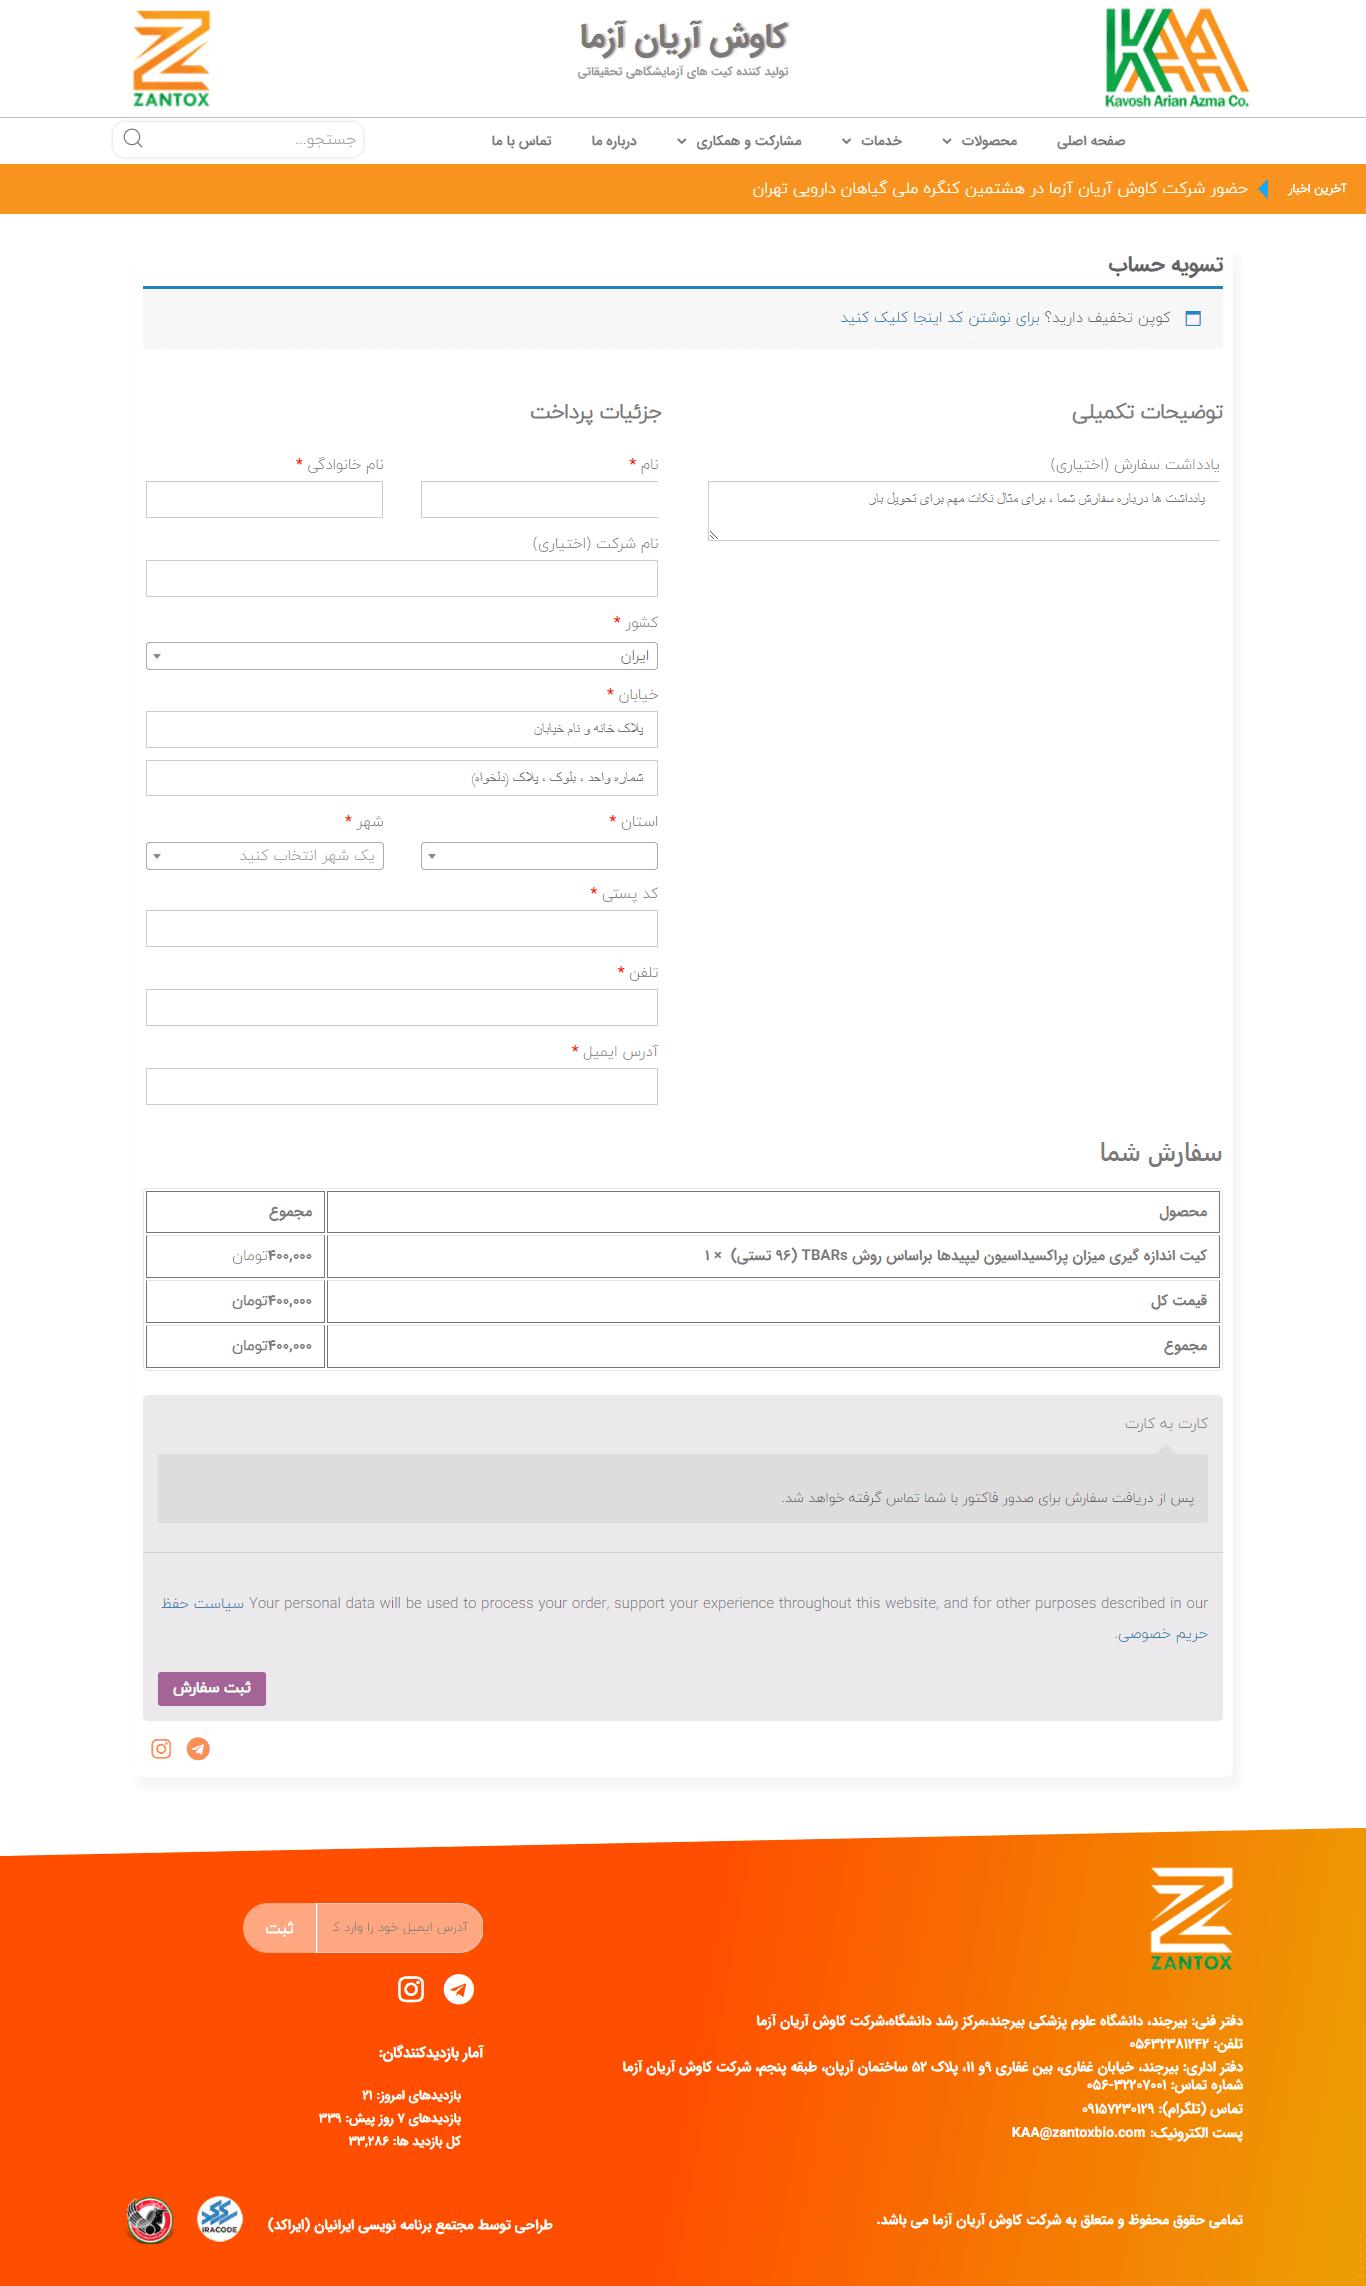 صفحه خرید محصول در فروشگاه اینترنتی زانتوکس